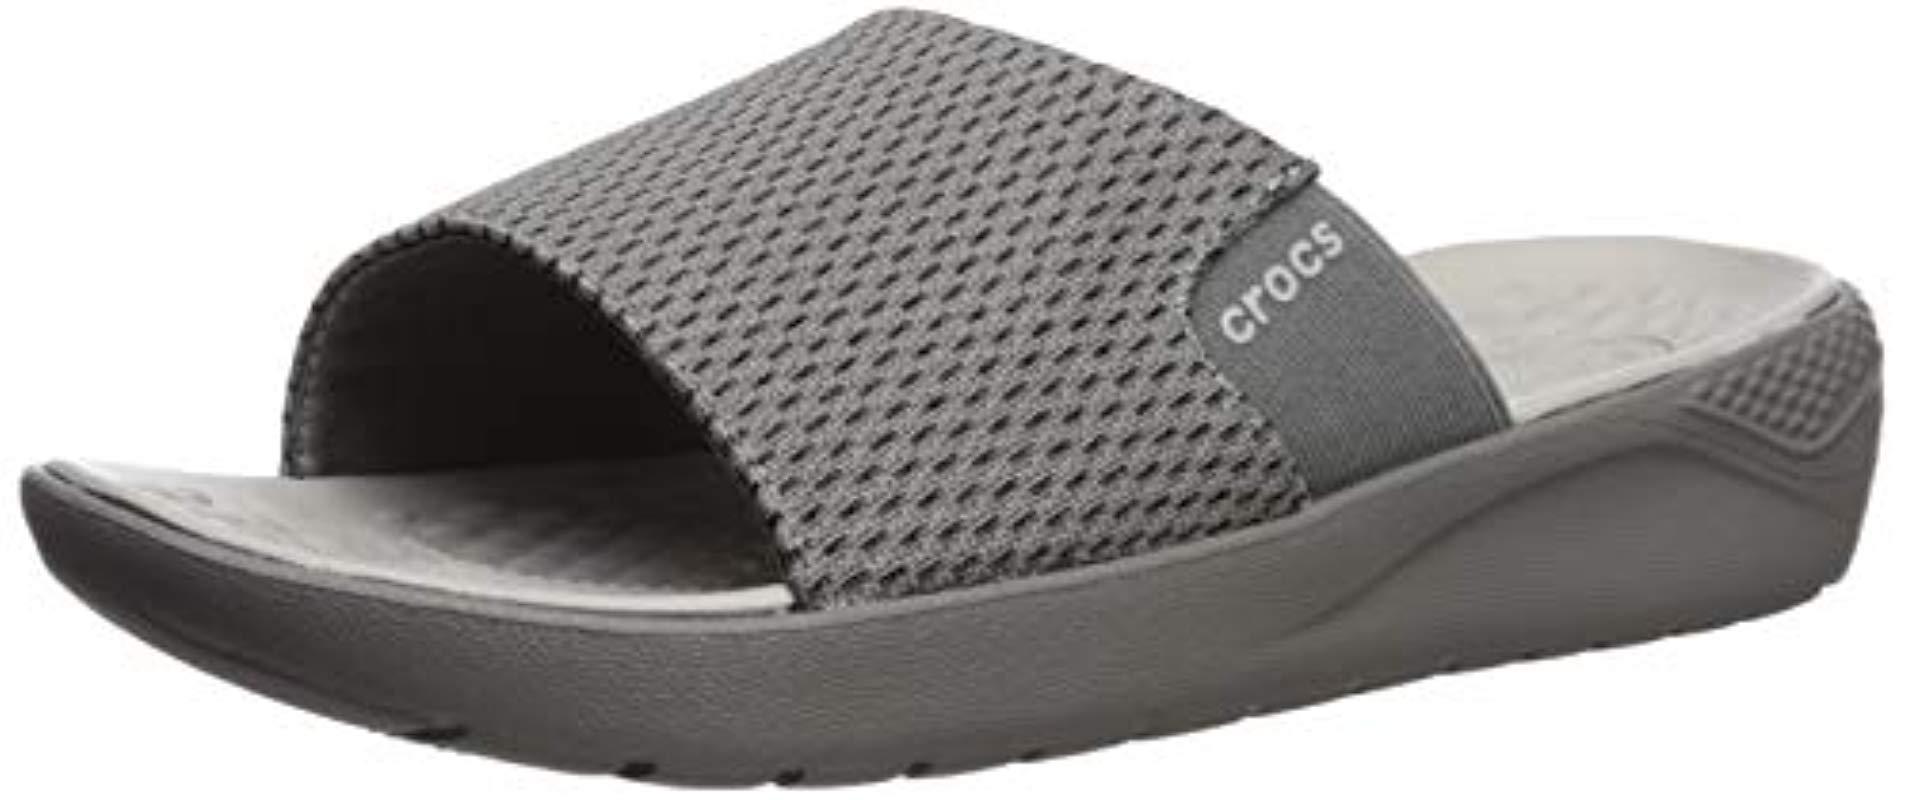 b6d8ee953be2f2 Lyst - Crocs™ Literide Mesh Slide Sandal in Gray for Men